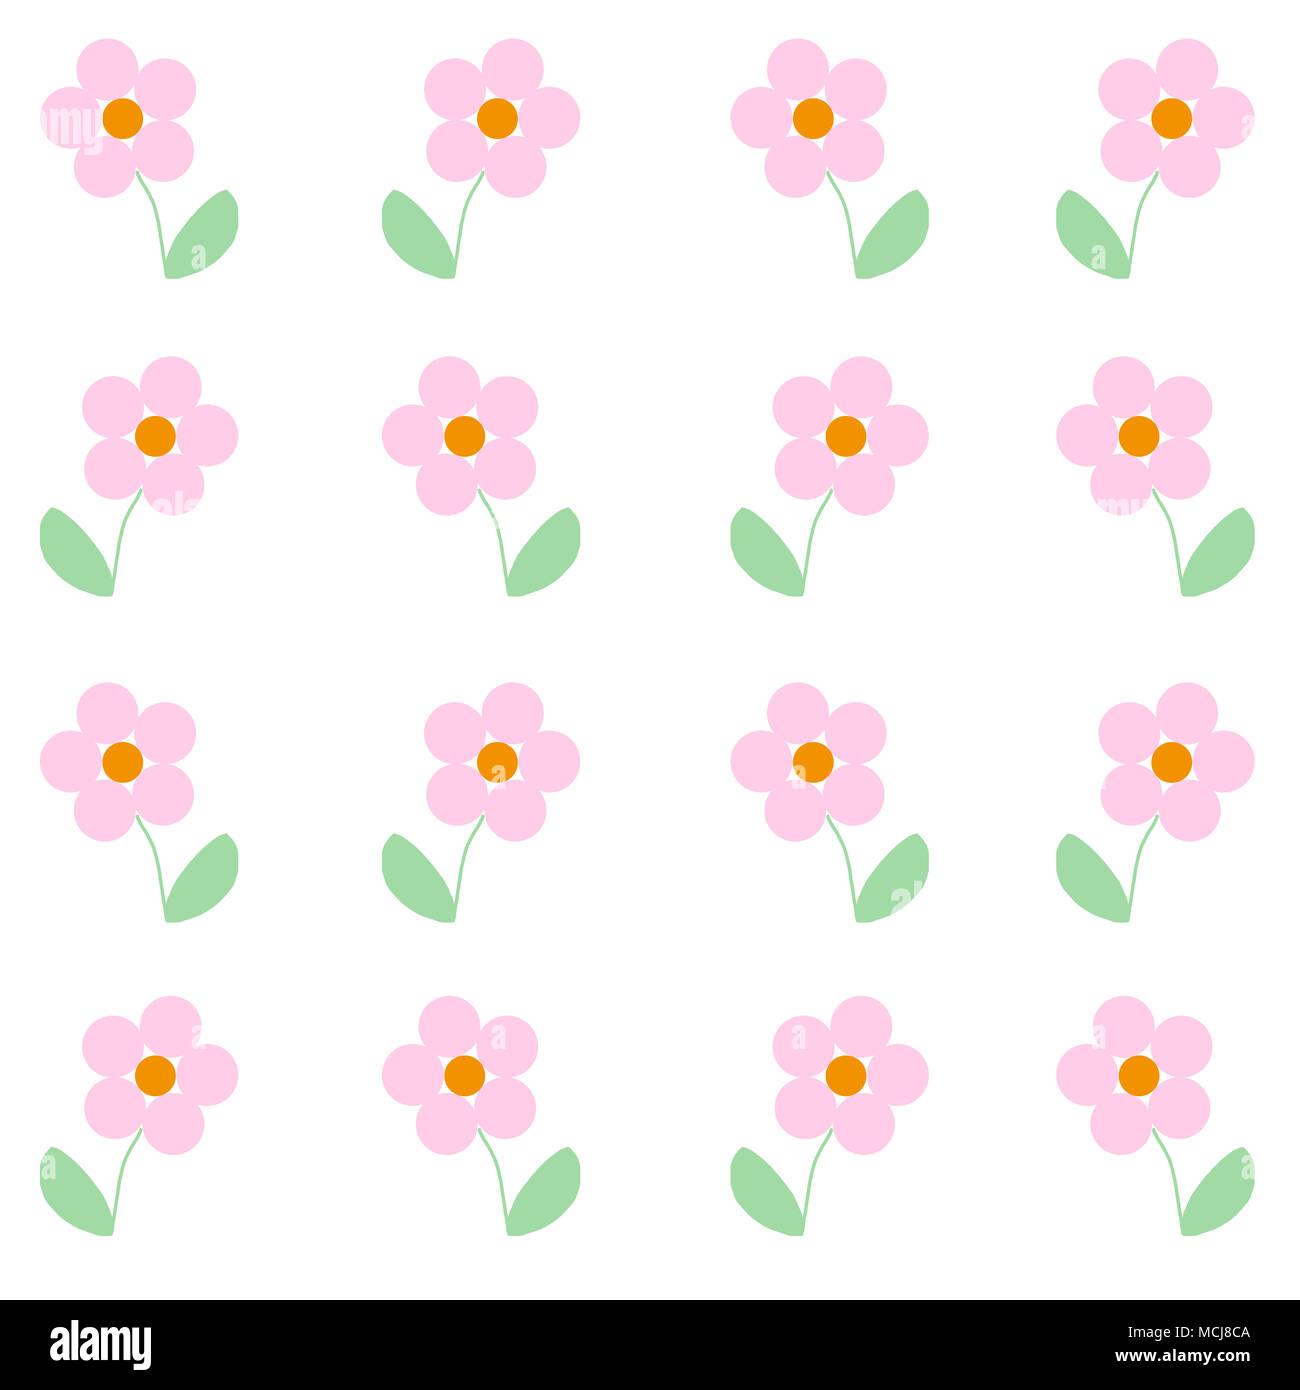 Lindo Bebe Ilustrado Rosa Flores Impresion Sencilla Para Ser